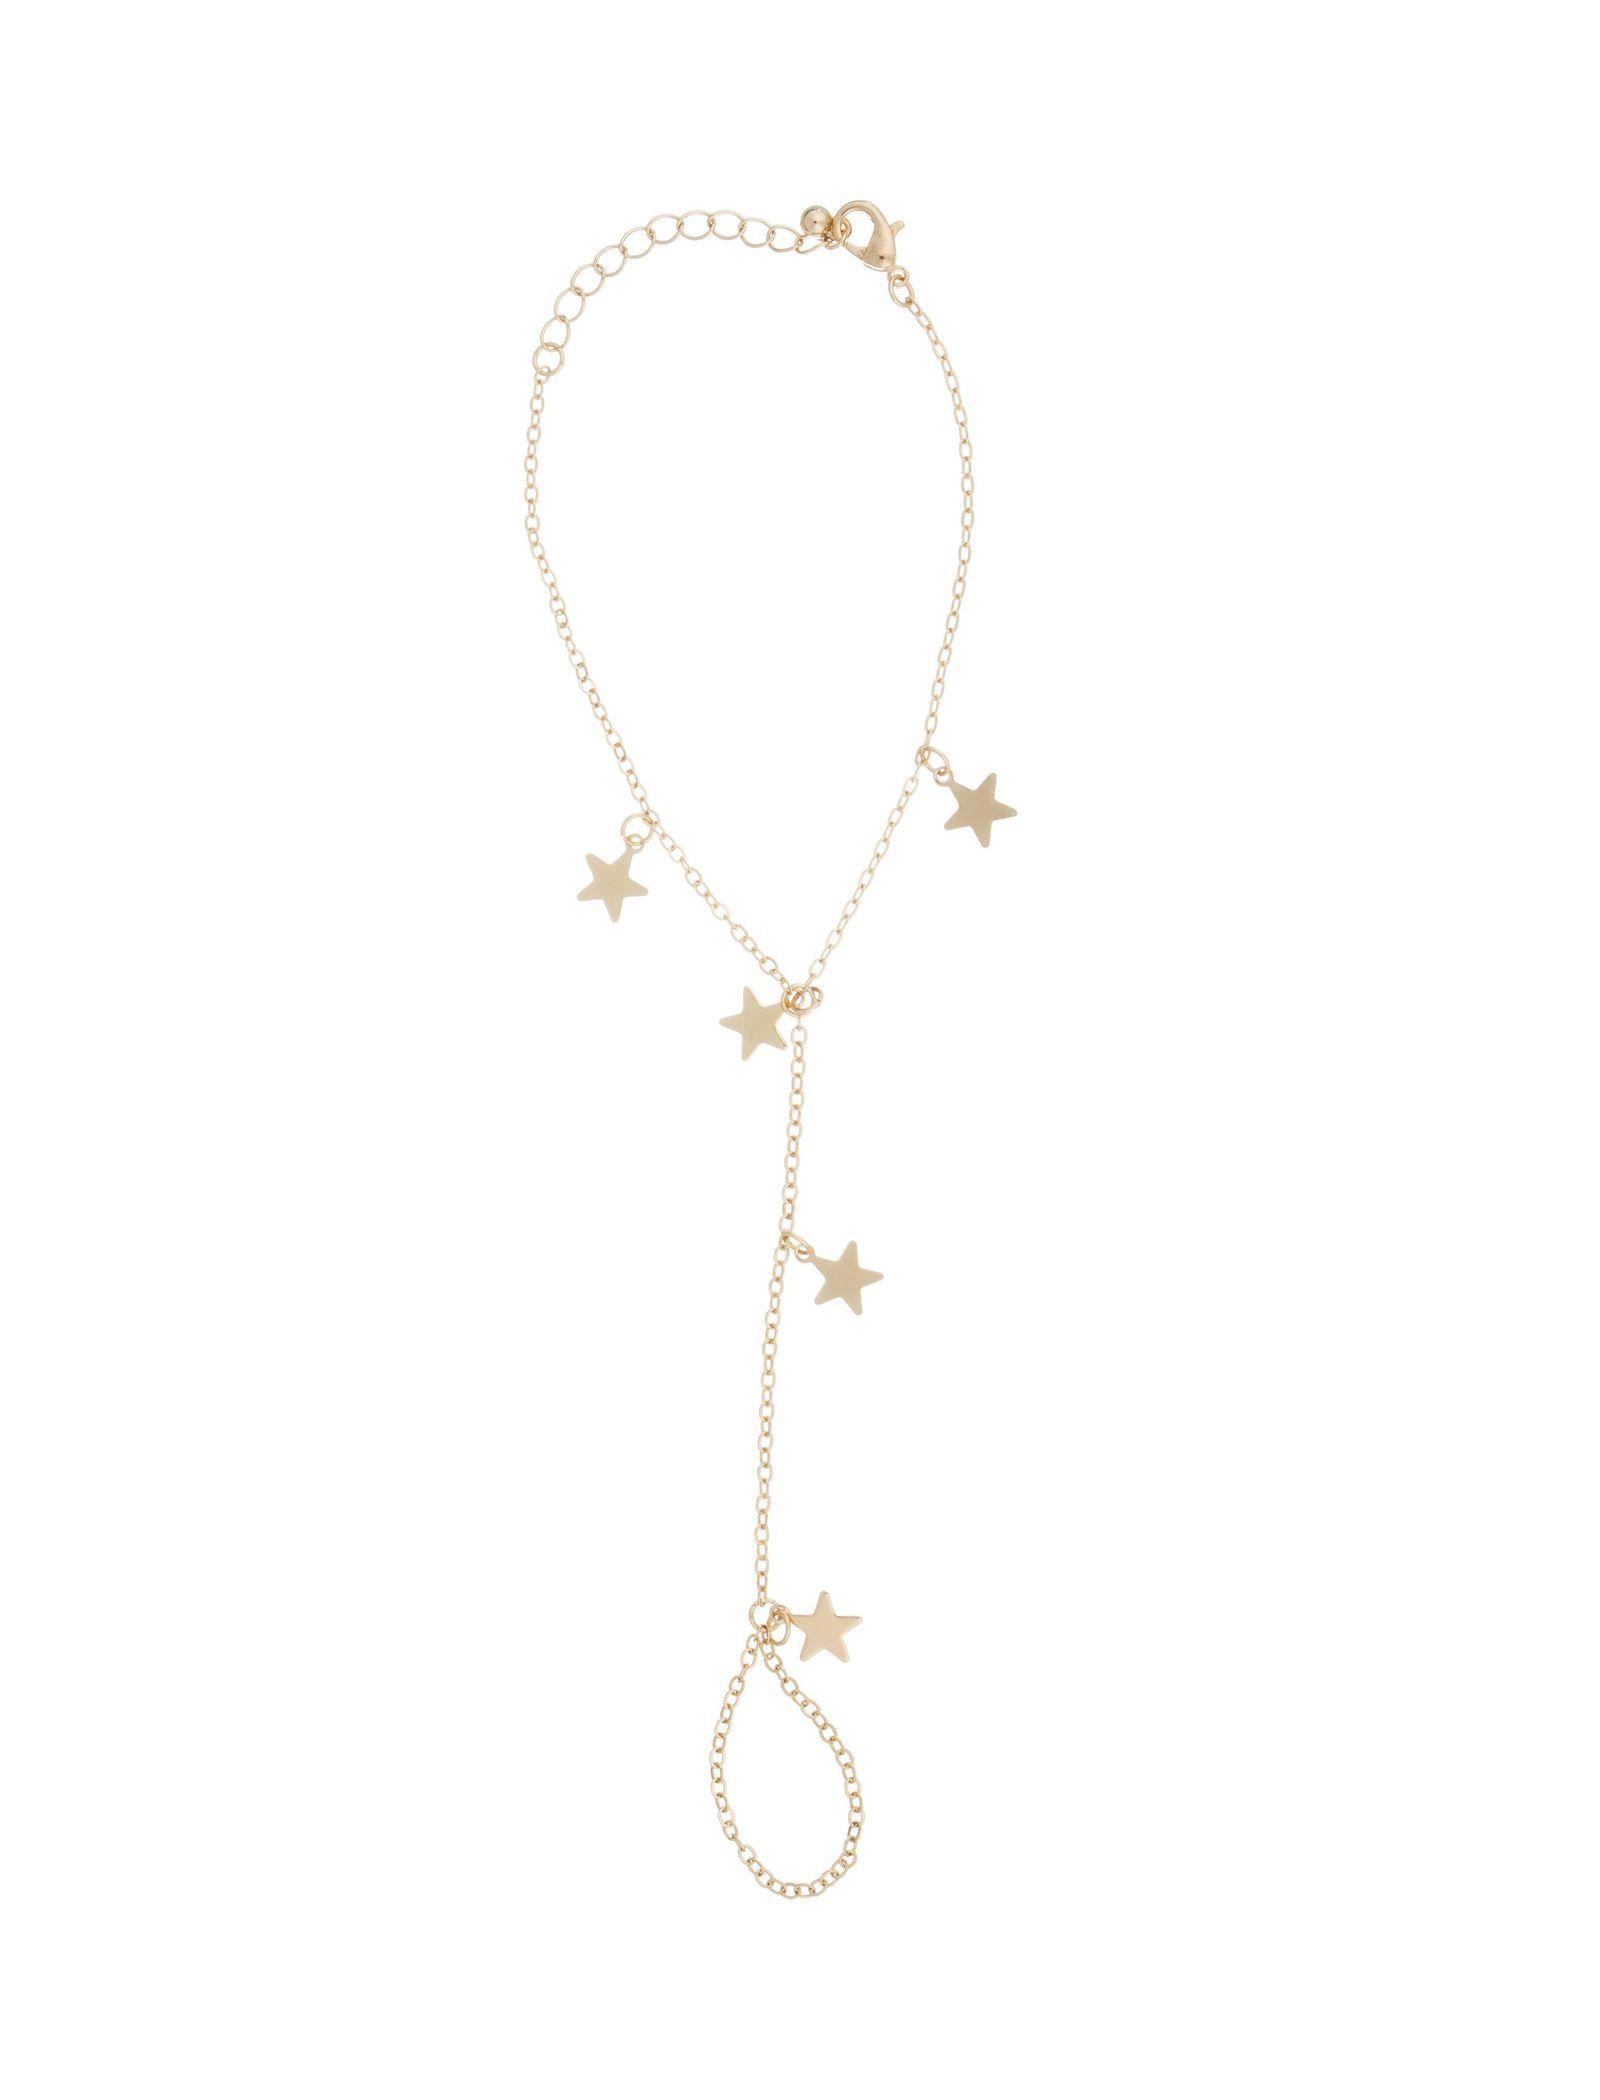 دستبند استیل زنانه - کوتون - طلايي - 1